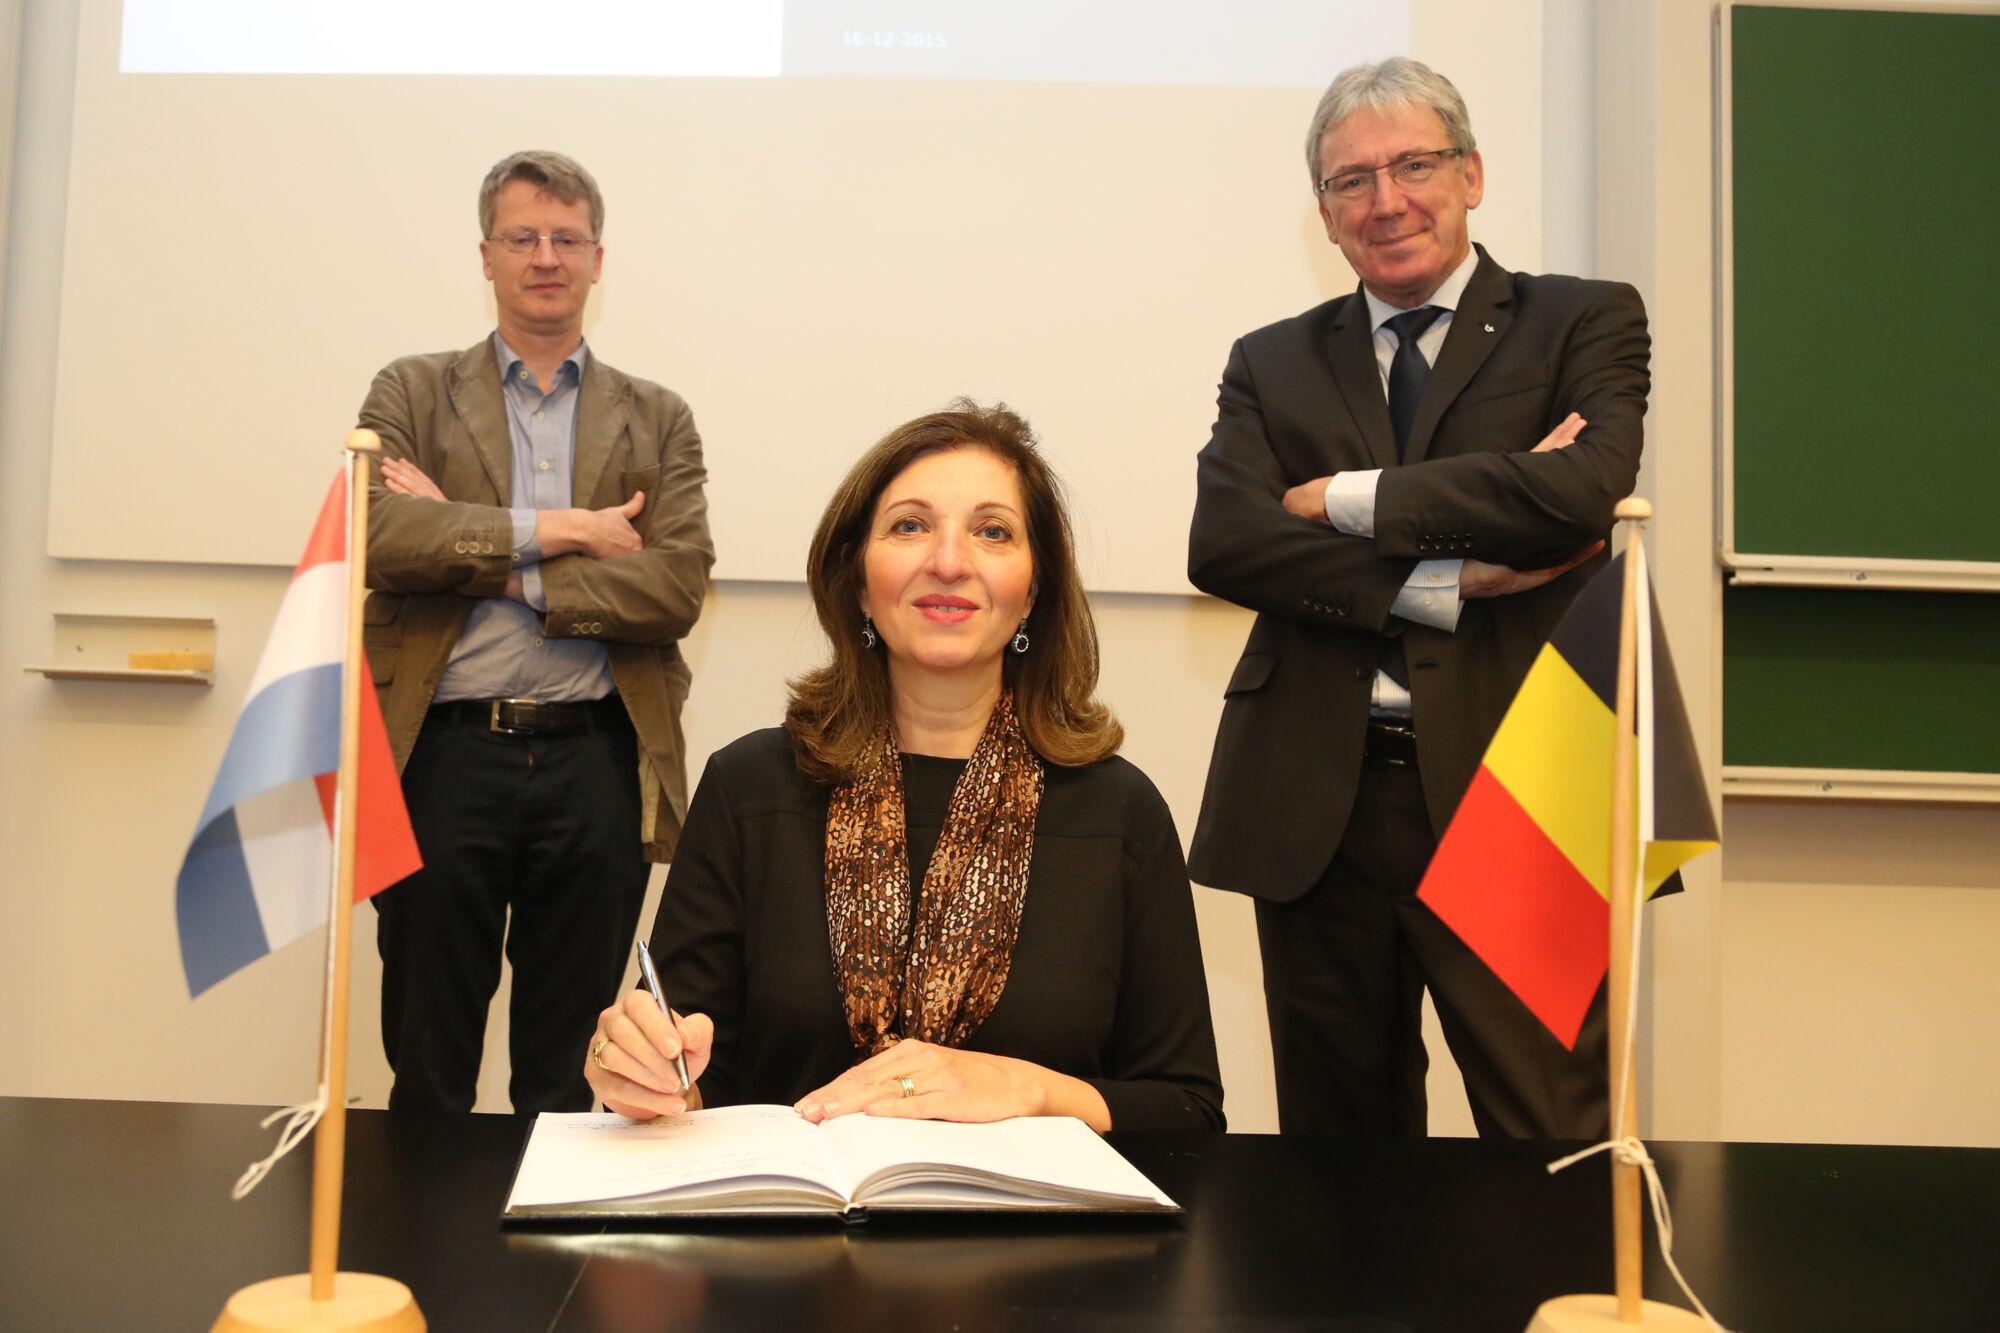 Bezoek ambassadrice van het Koninkrijk der Nederlanden